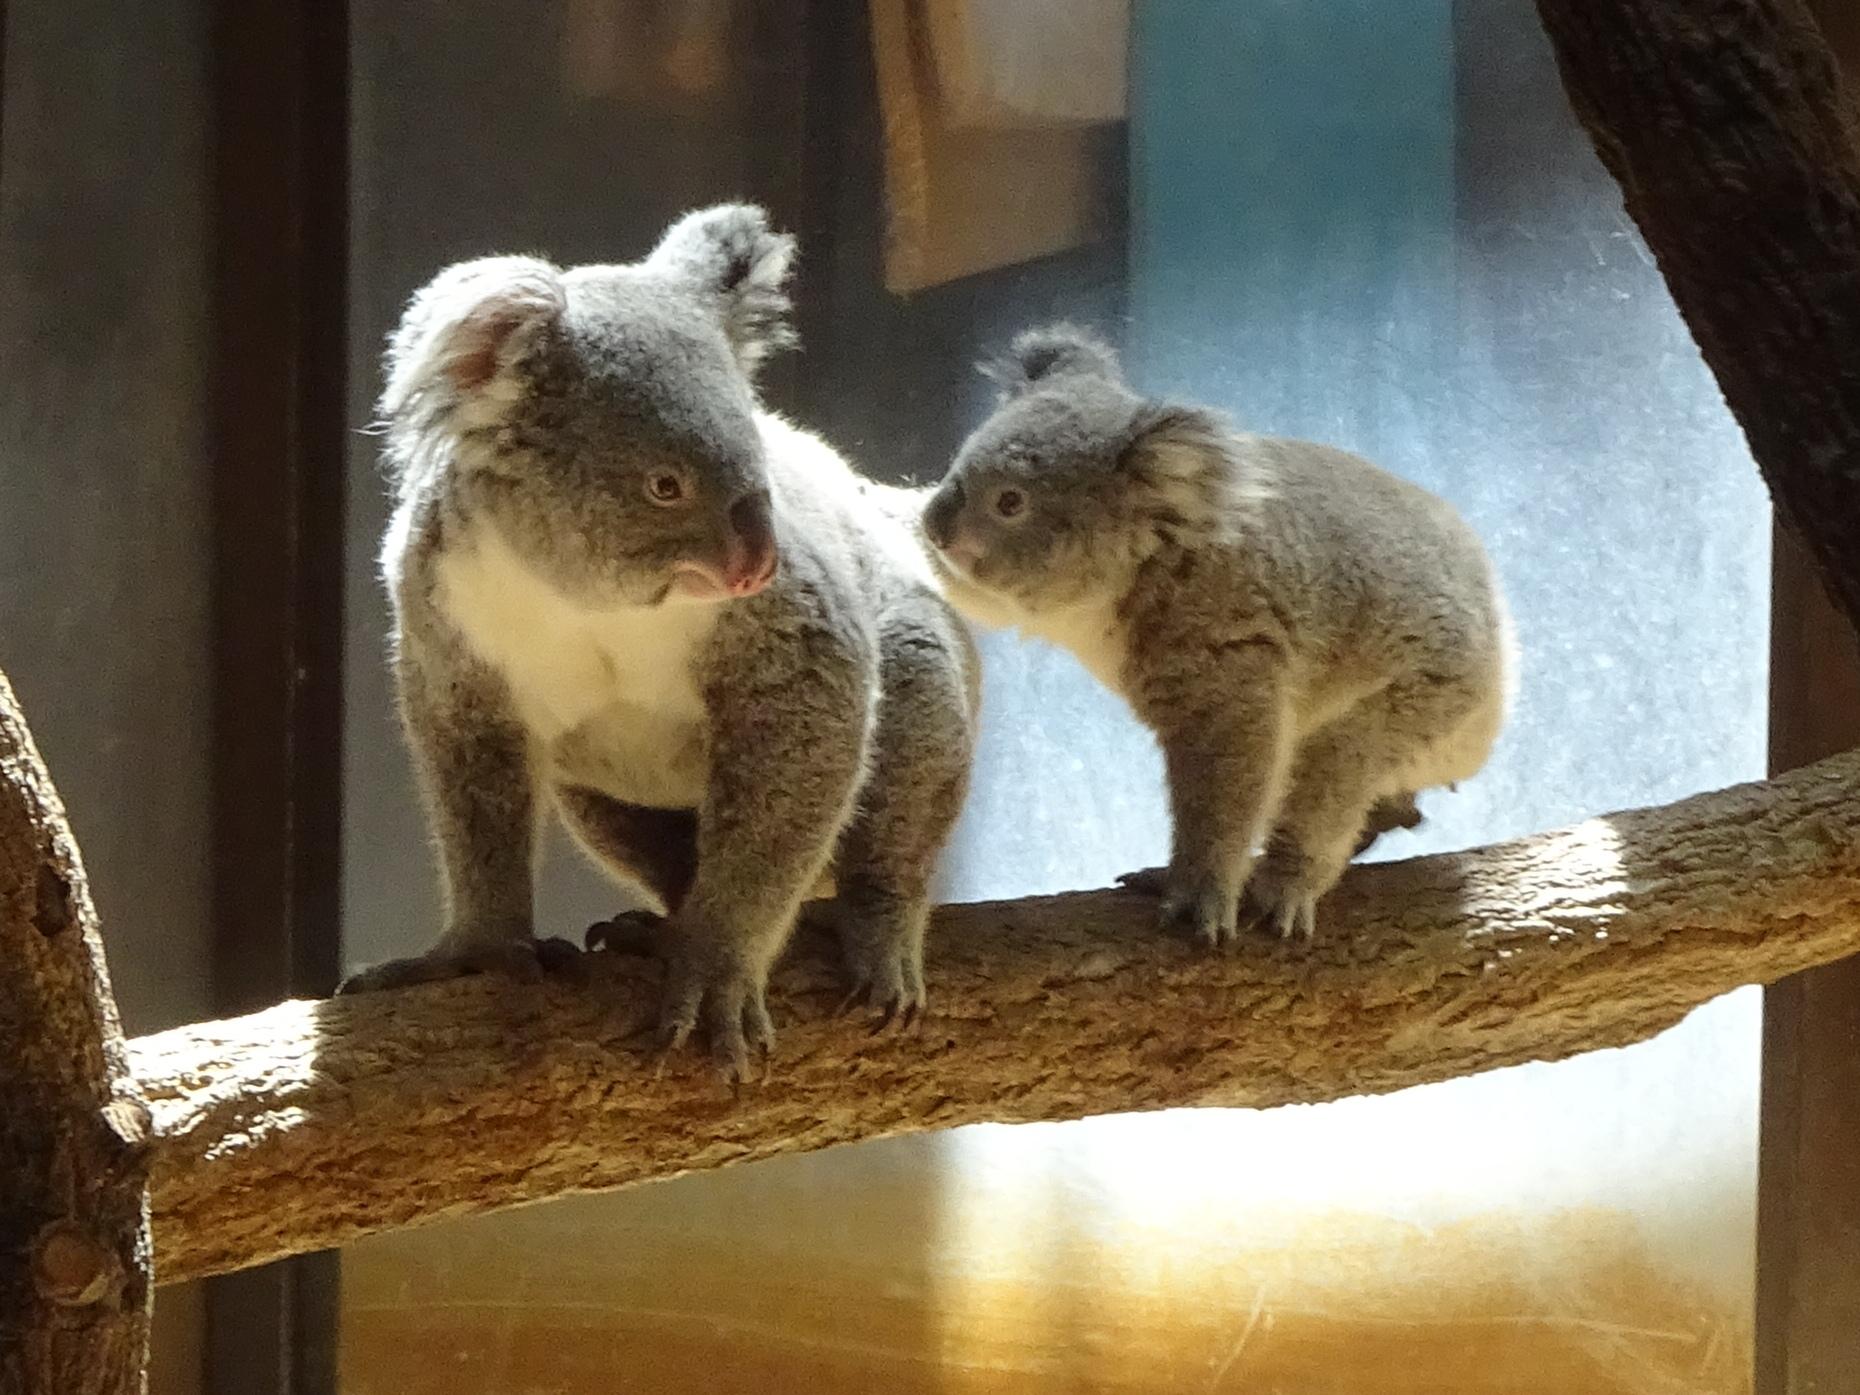 東山動植物園公開講座<br />「コアラのお話」を開催します